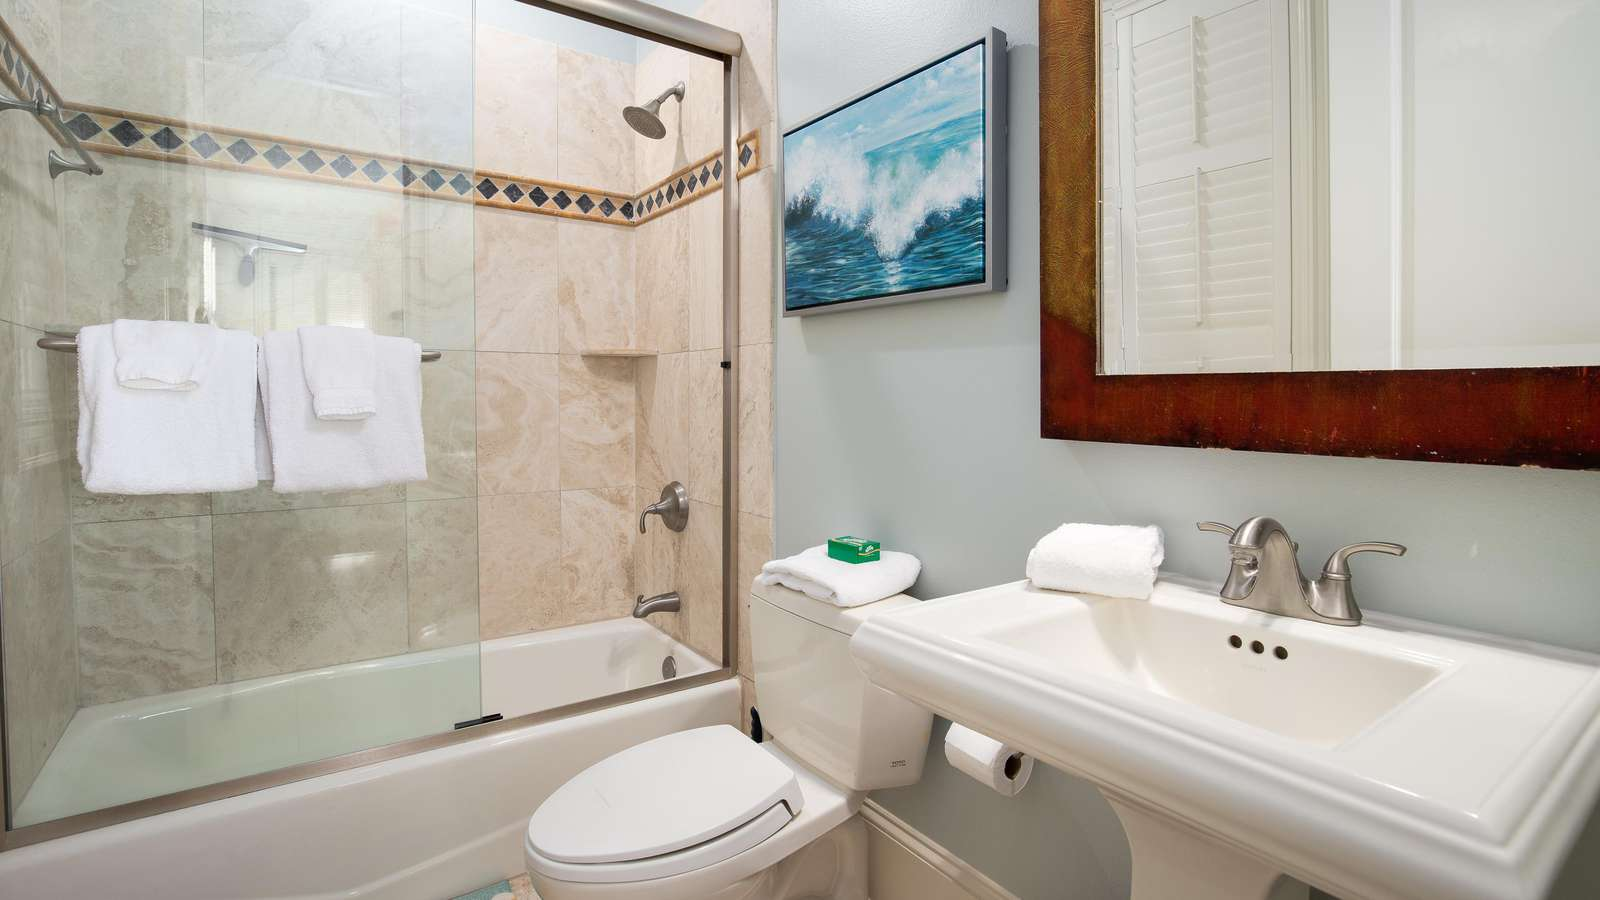 The 4th bedroom's en-suite bath.